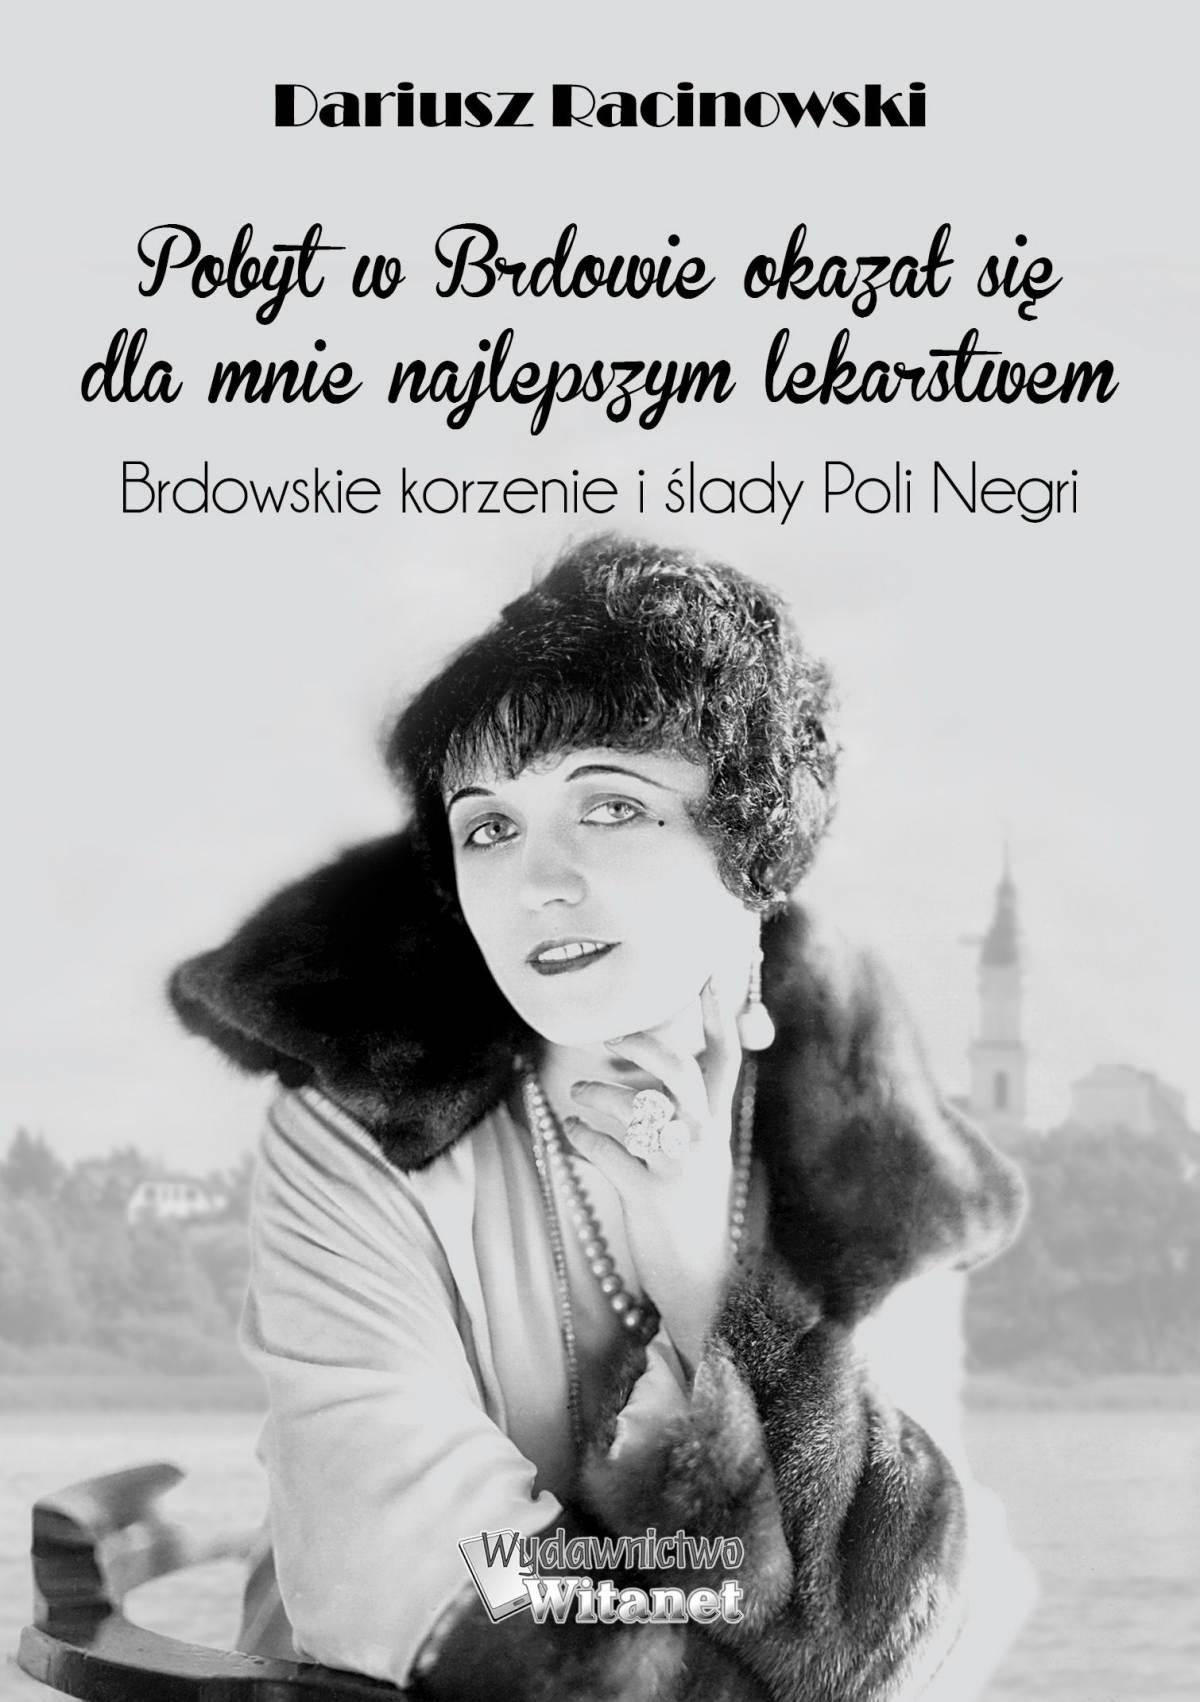 Pobyt w Brdowie okazał się dla mnie najlepszym lekarstwem. Brdowskie korzenie i ślady Poli Negri. - Ebook (Książka EPUB) do pobrania w formacie EPUB